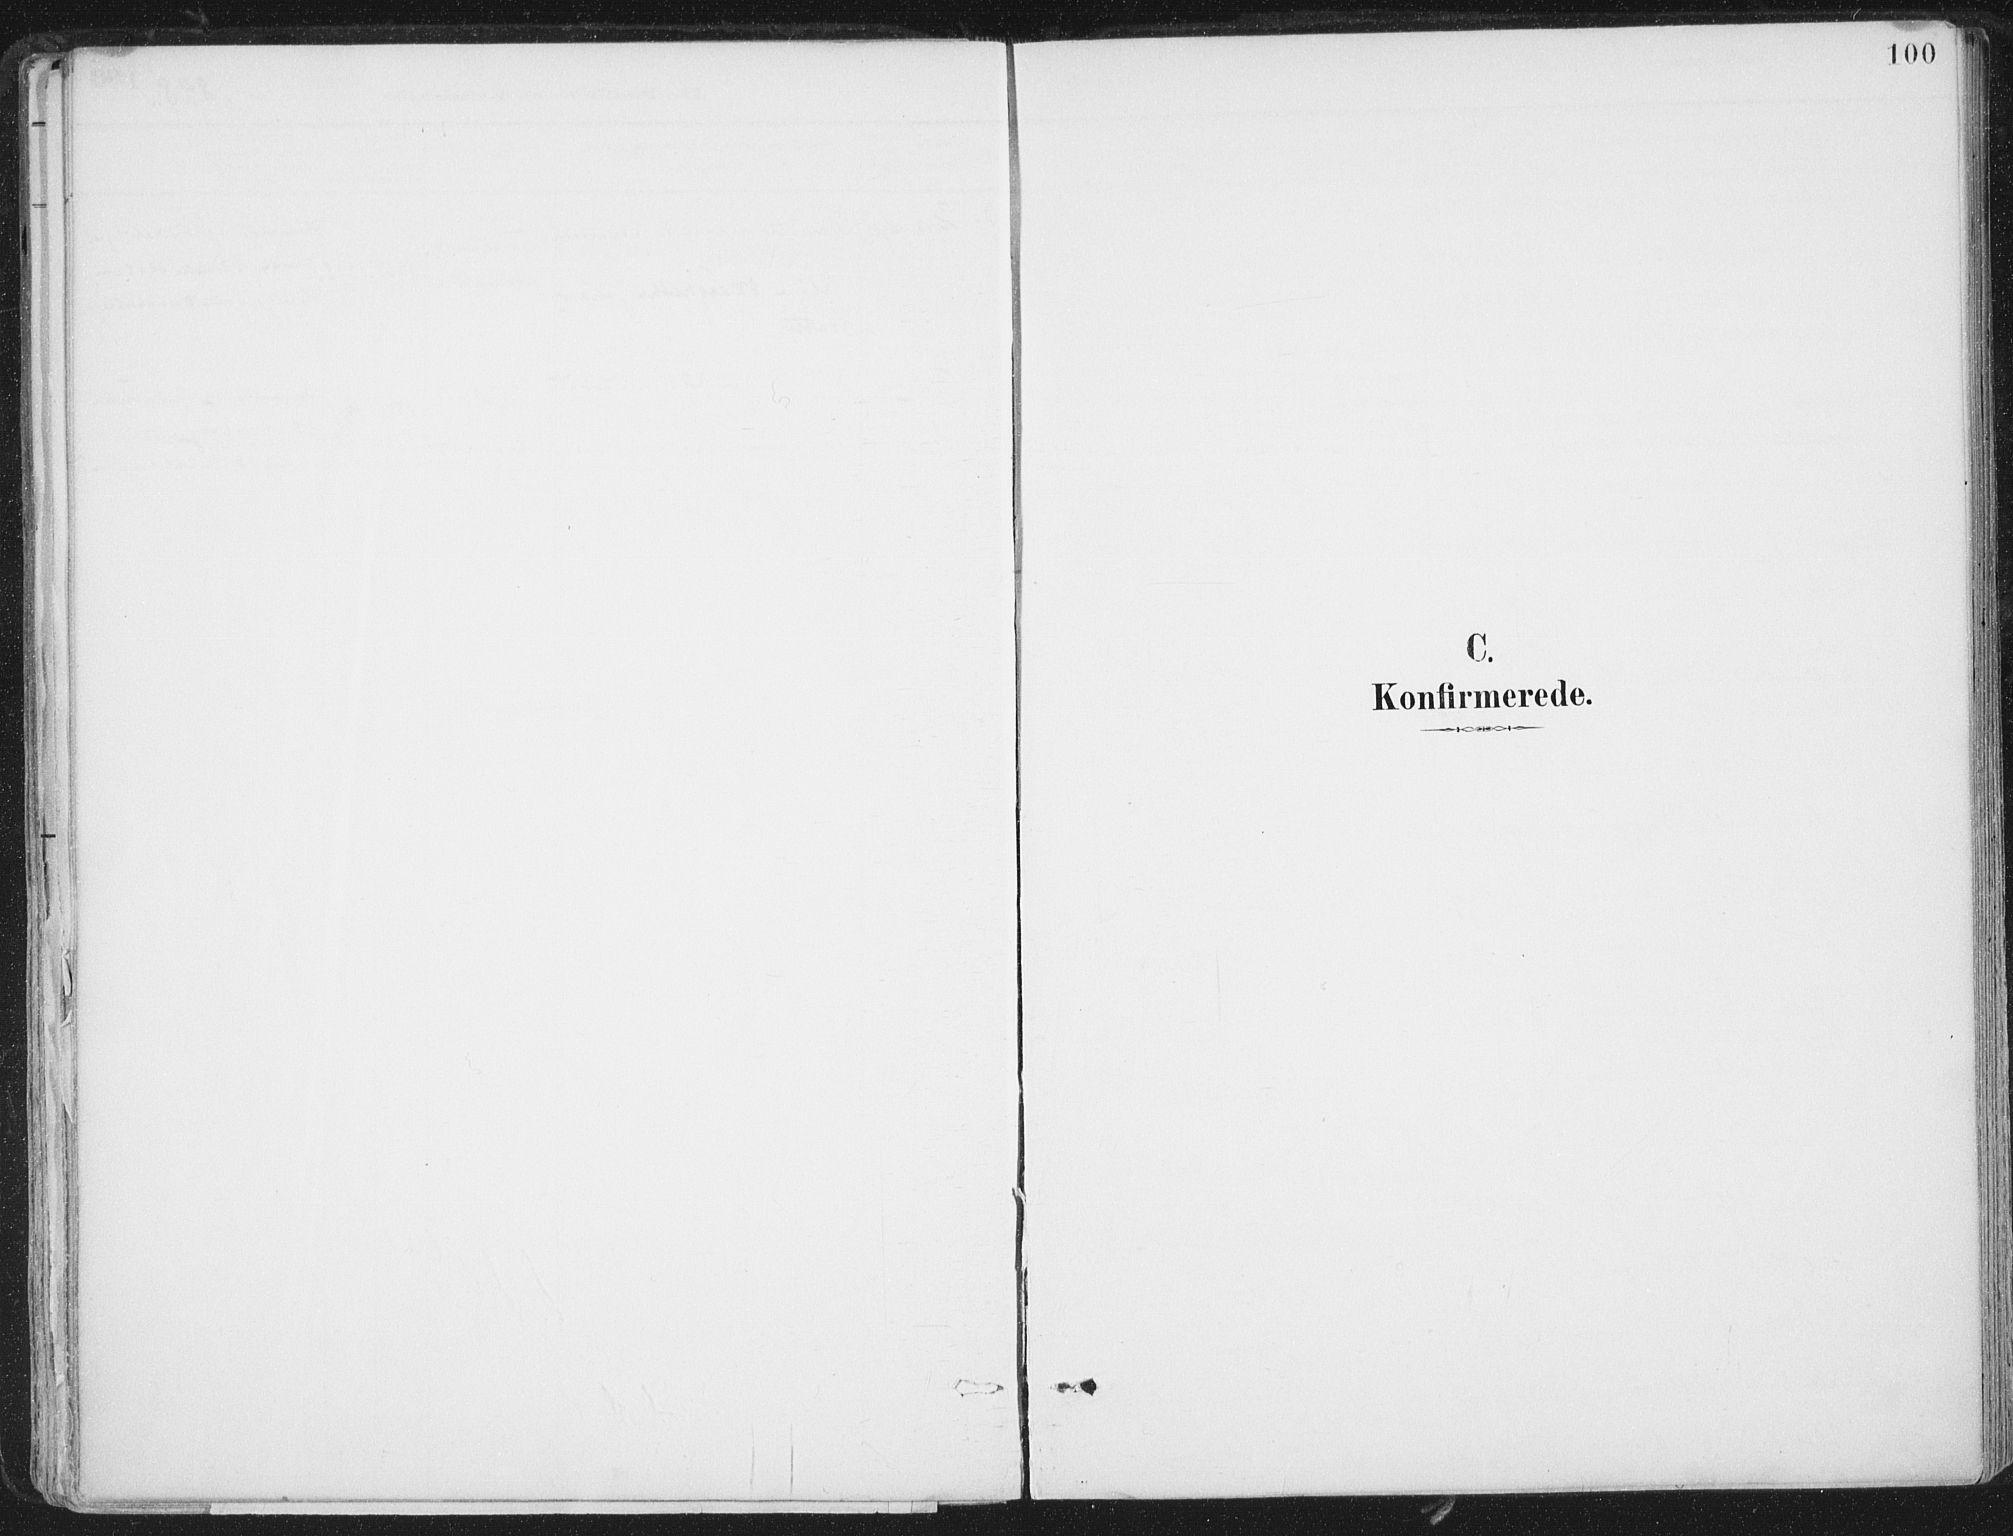 SAT, Ministerialprotokoller, klokkerbøker og fødselsregistre - Nord-Trøndelag, 786/L0687: Ministerialbok nr. 786A03, 1888-1898, s. 100